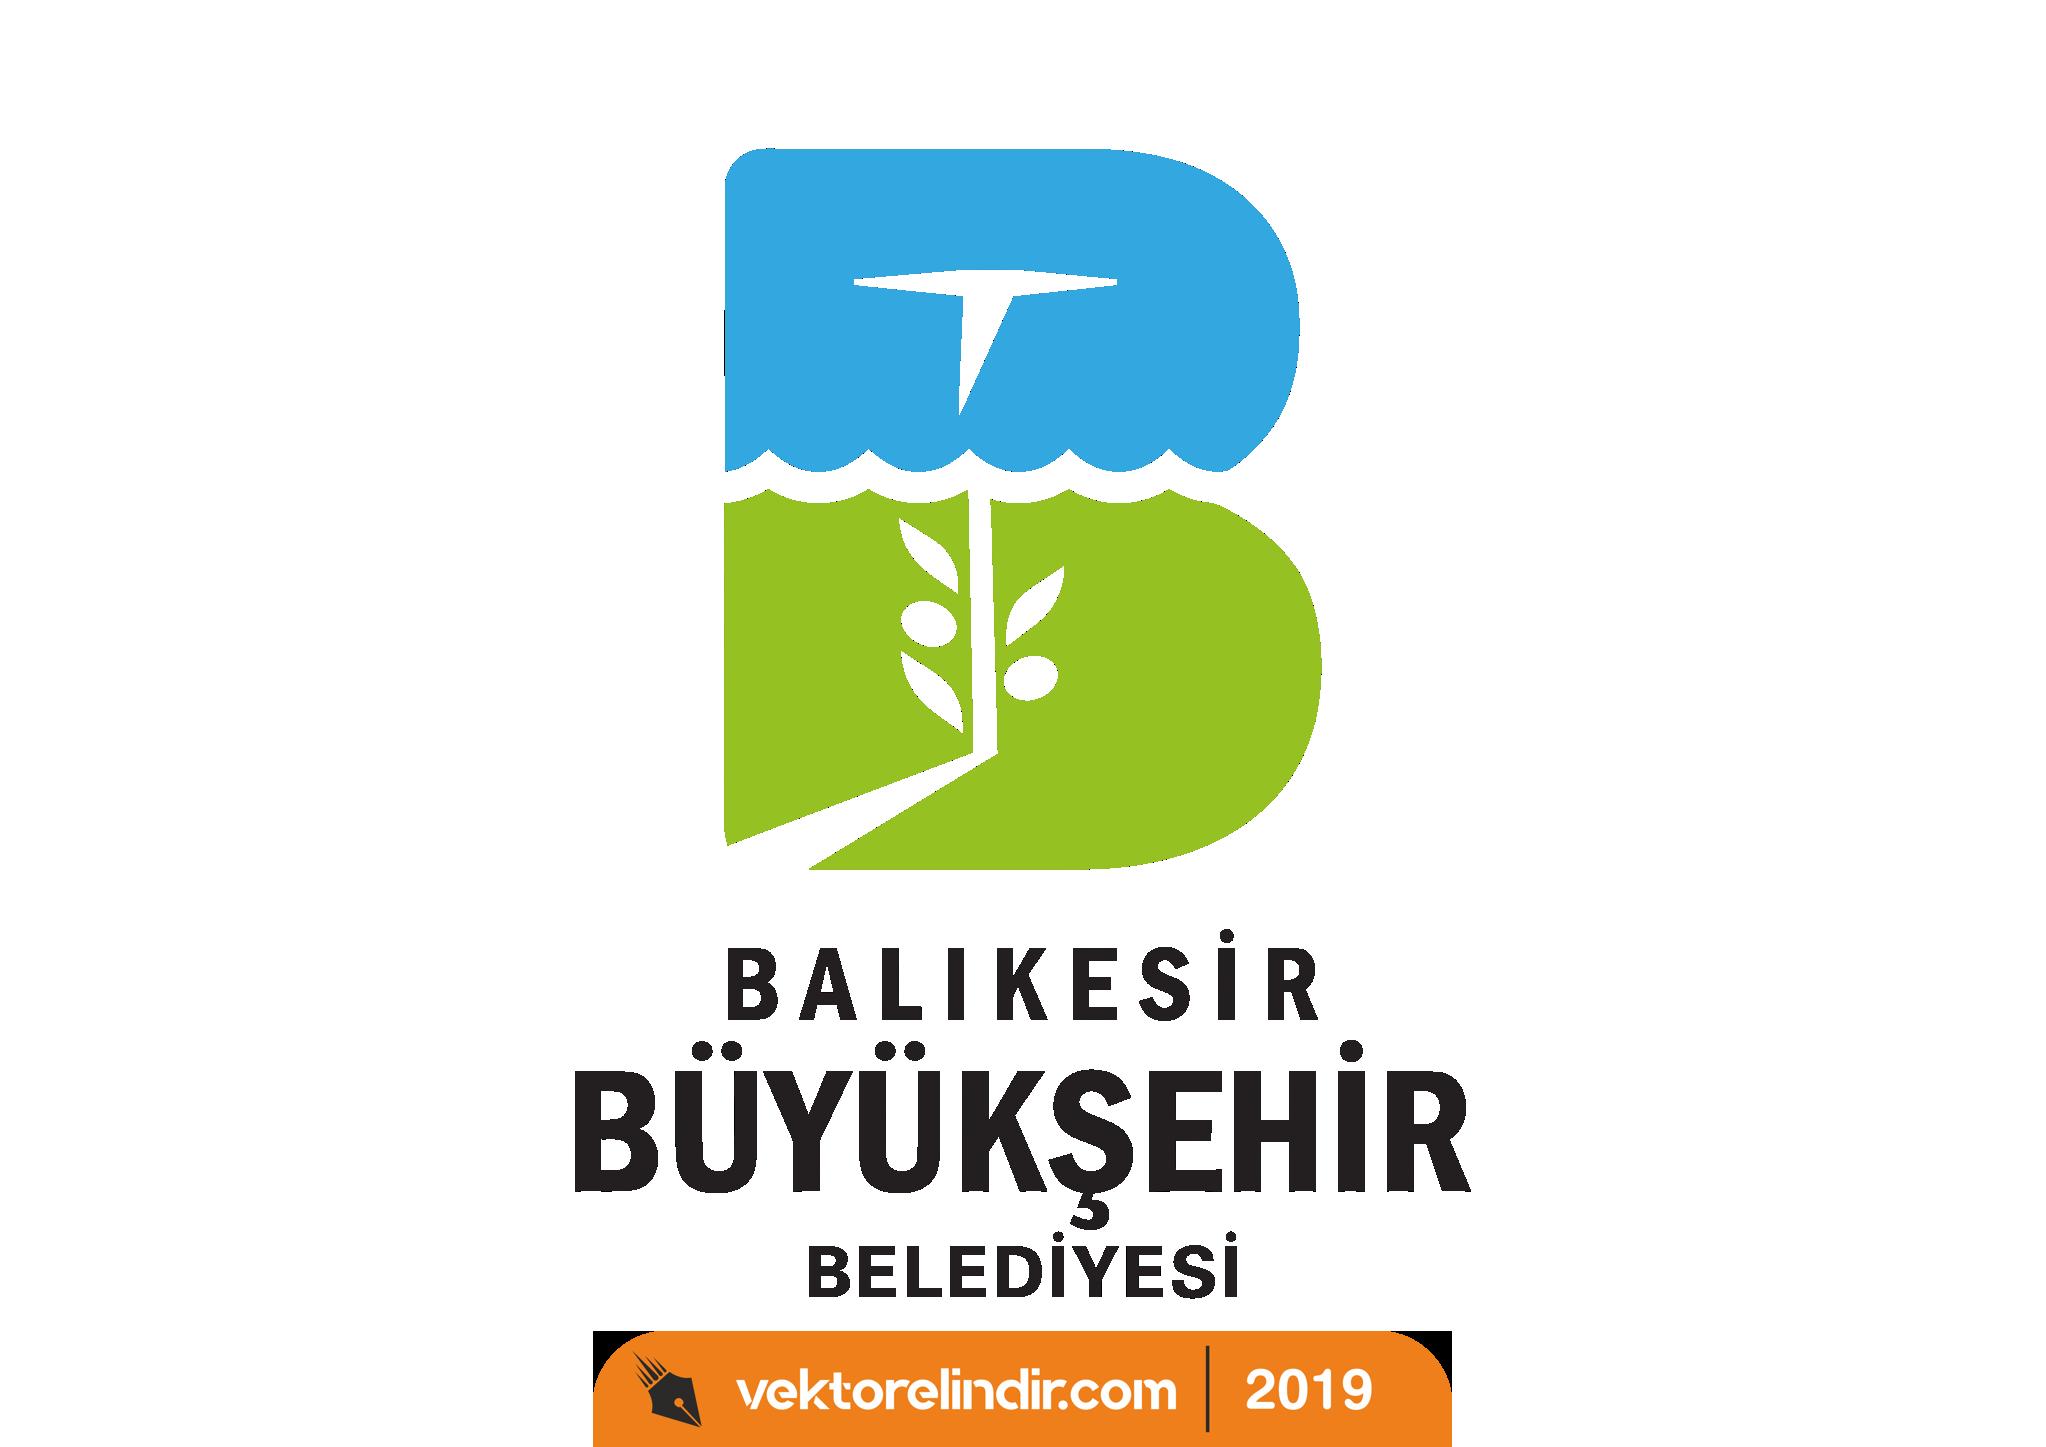 Balıkkesir Büyükşehir Belediyesi Logo, Amblem